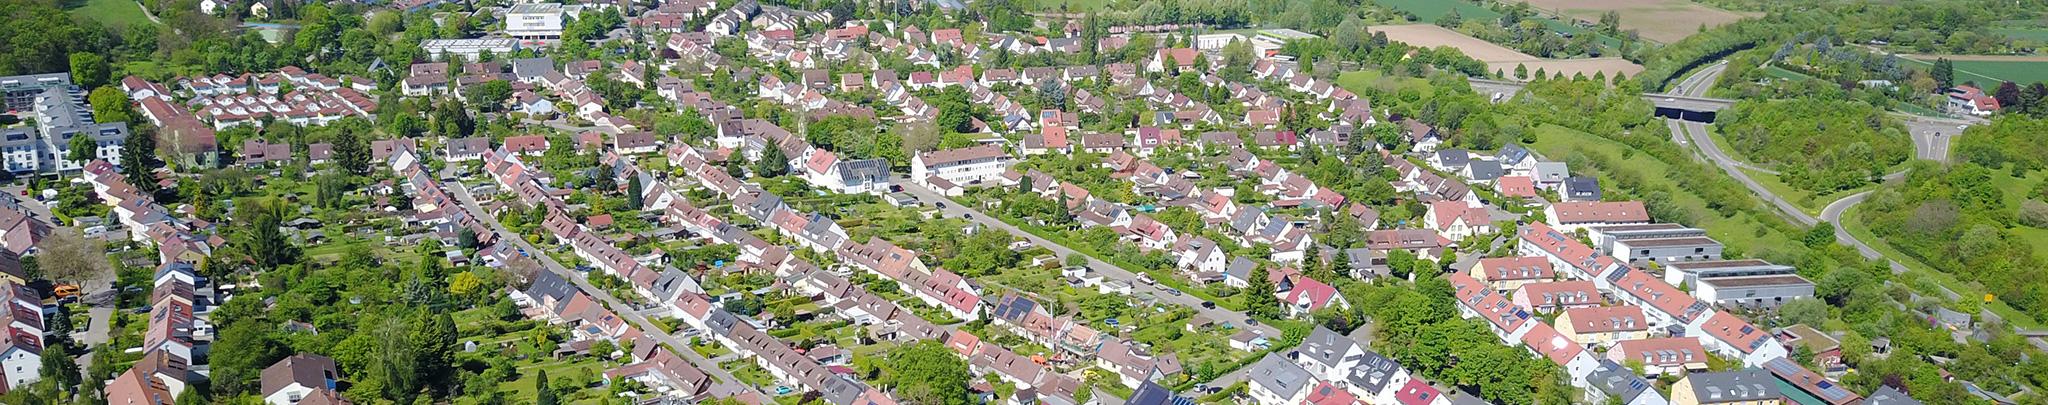 Luftbild Weilimdorf Wolfbusch. Foto © Hans-Martin Goede